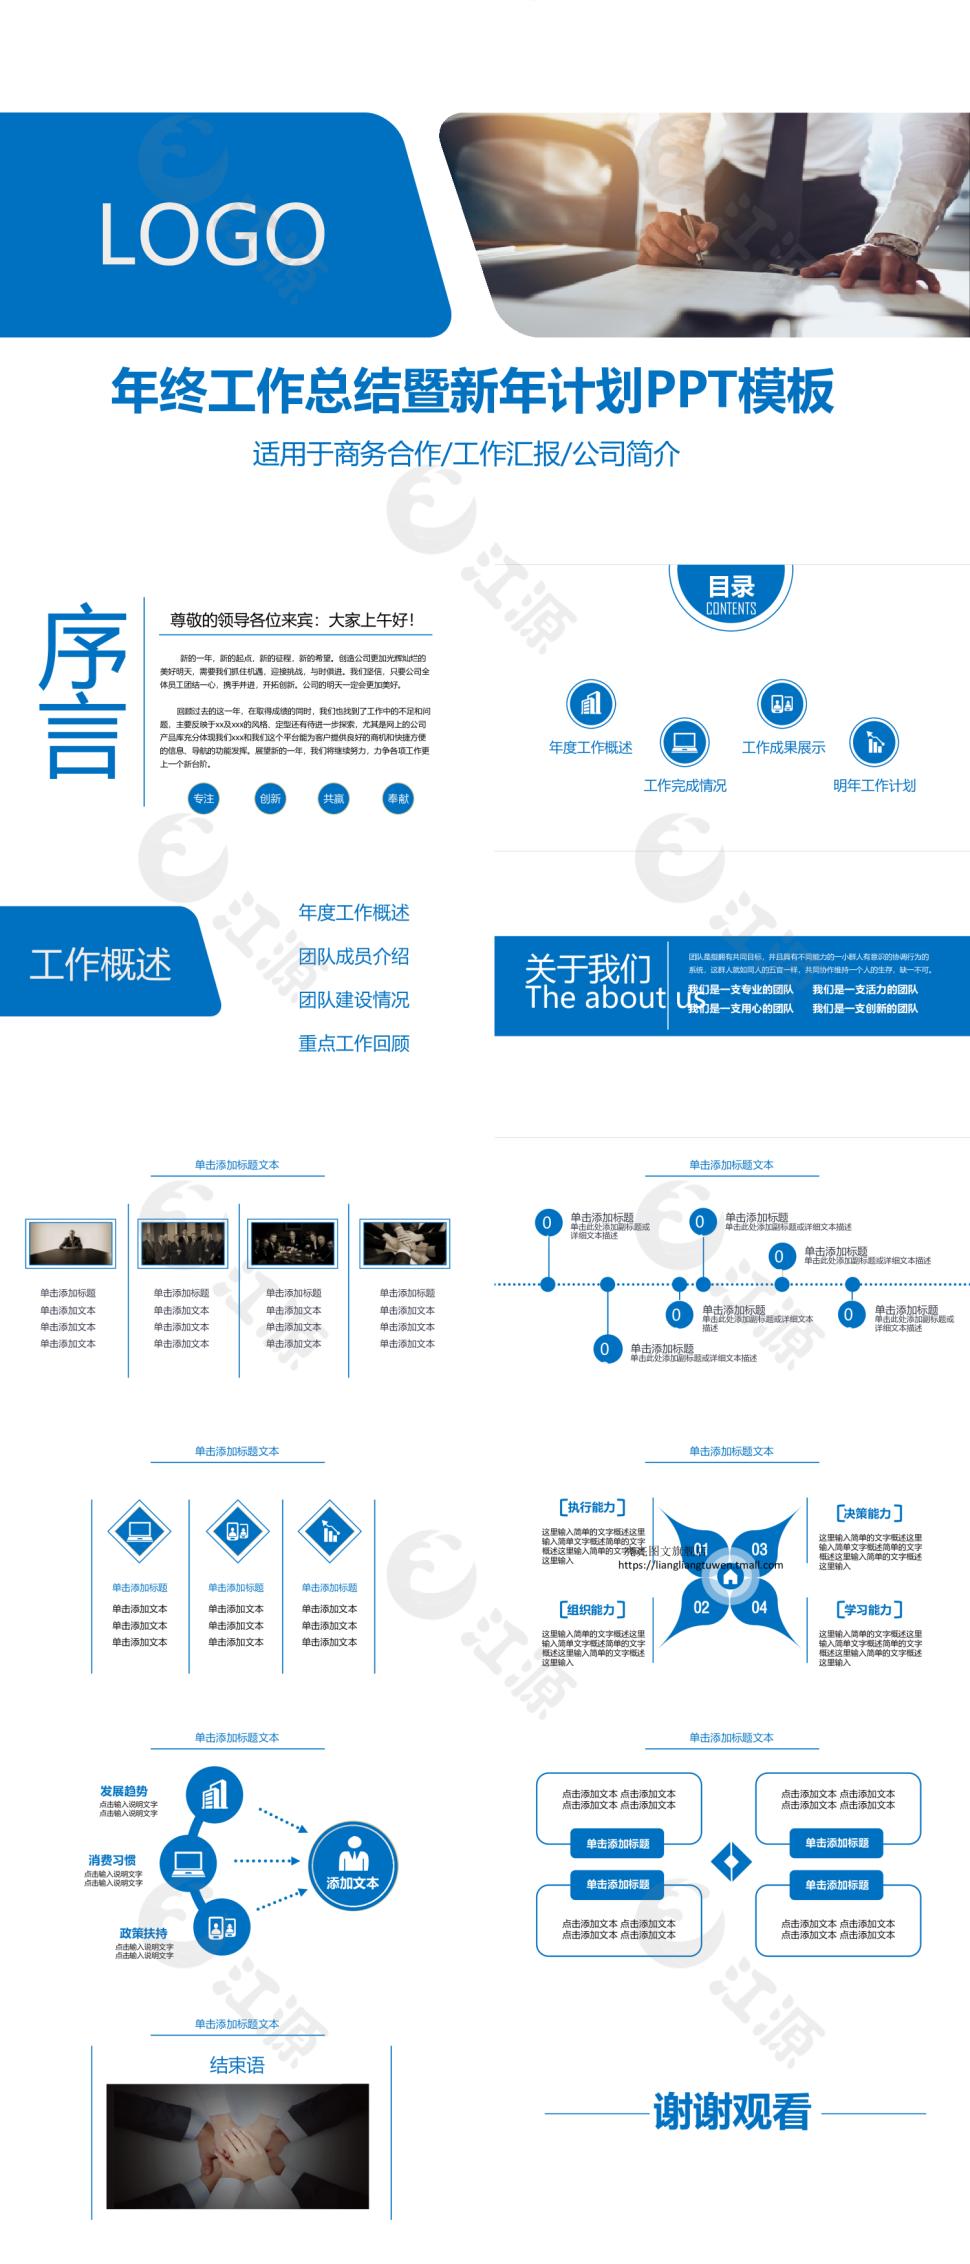 蓝色扁平化年终工作总结暨新年计划PPT模板